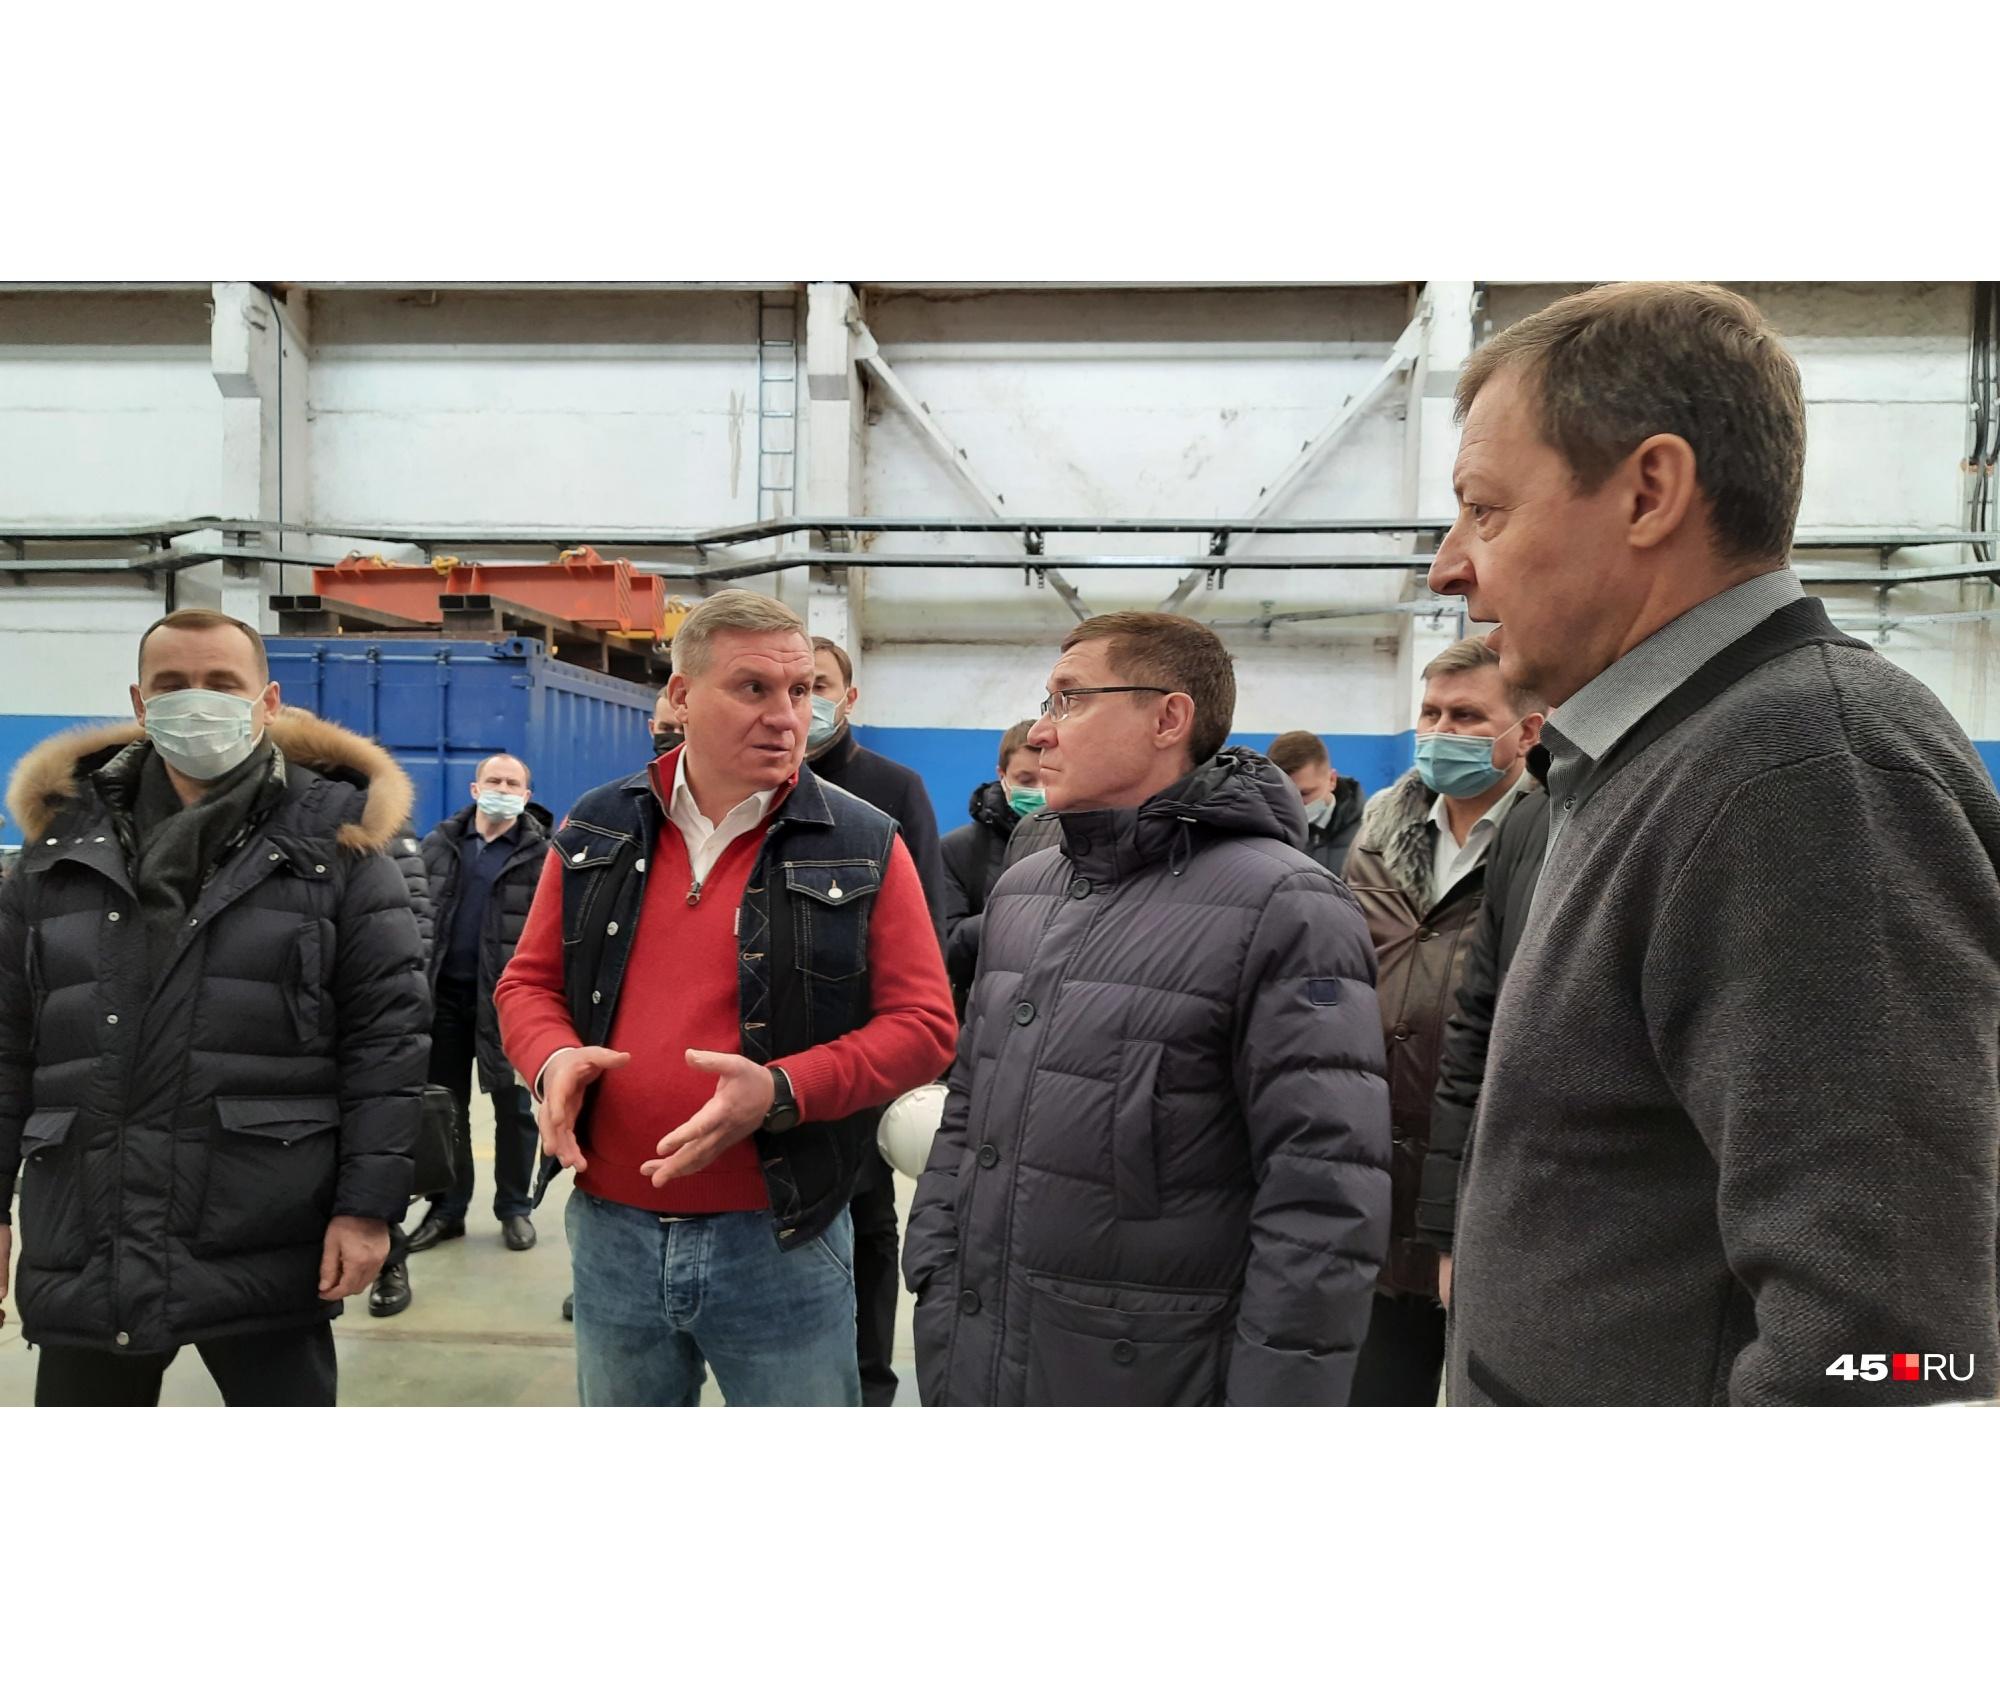 Владимиру Якушеву объяснили суть нового производствана базе КЗКТ